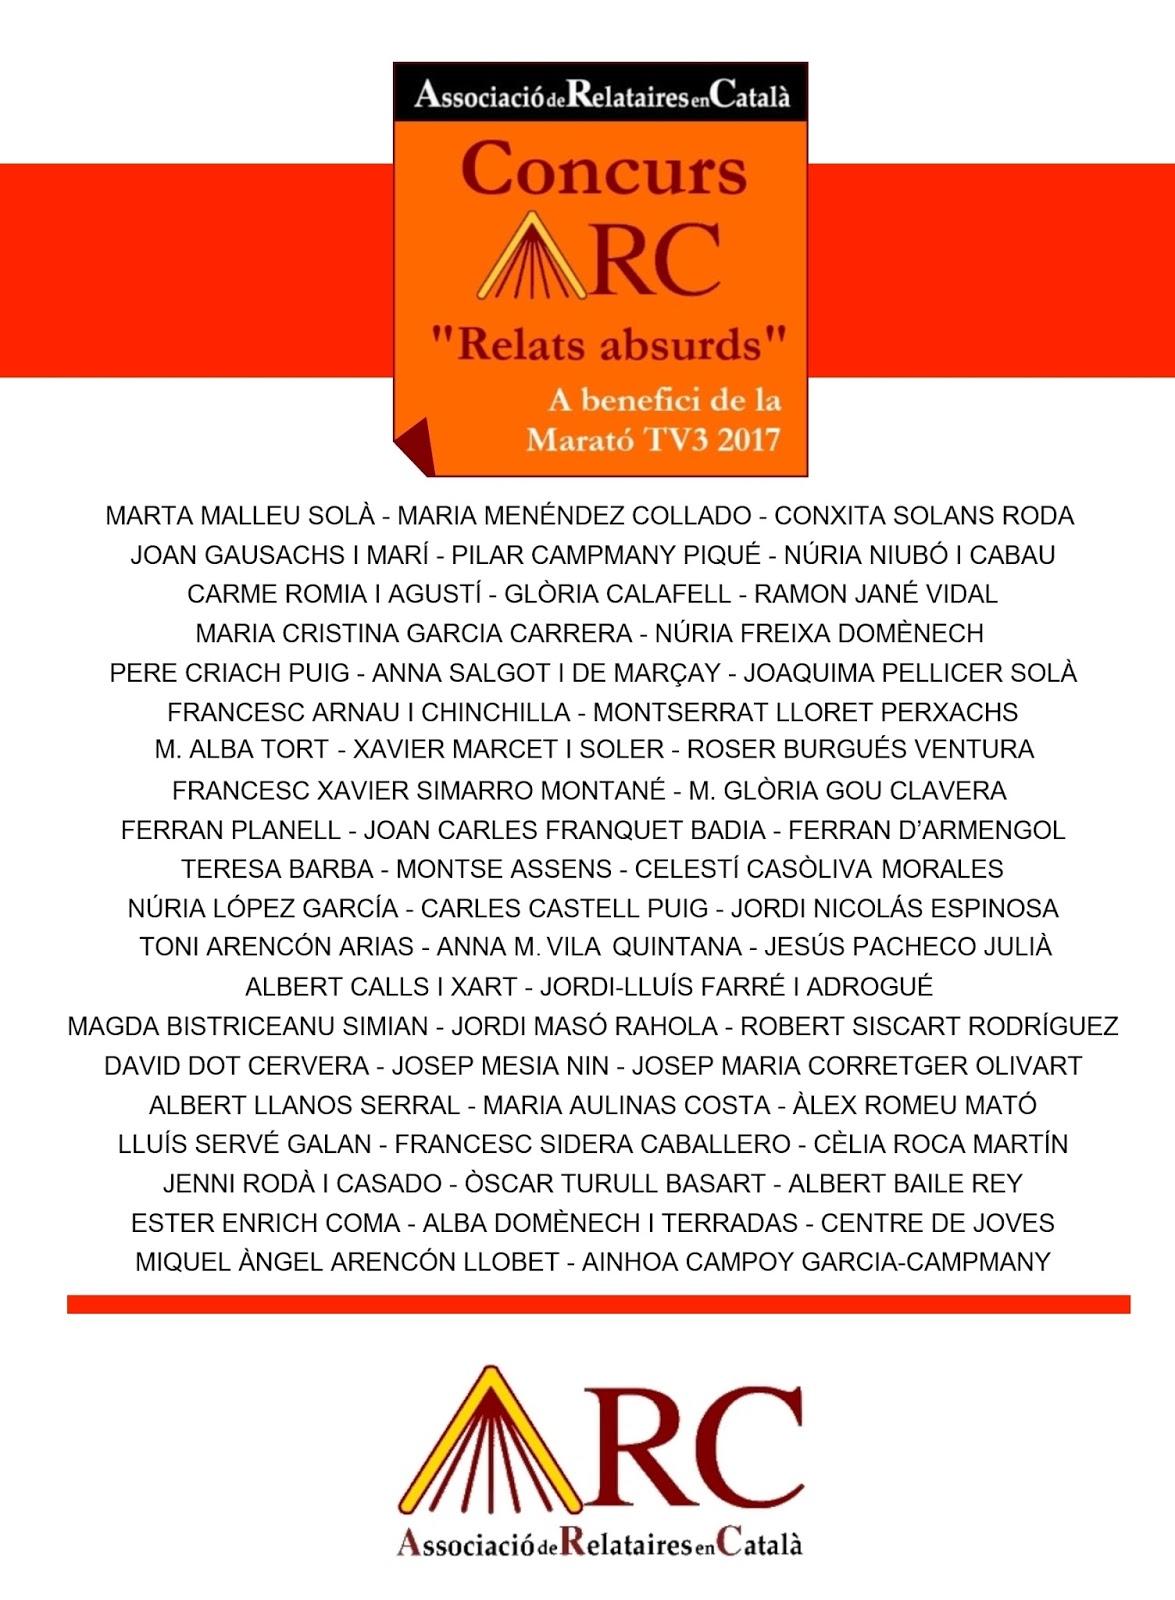 Concurs ARC de Relats absurds - Autores i autors